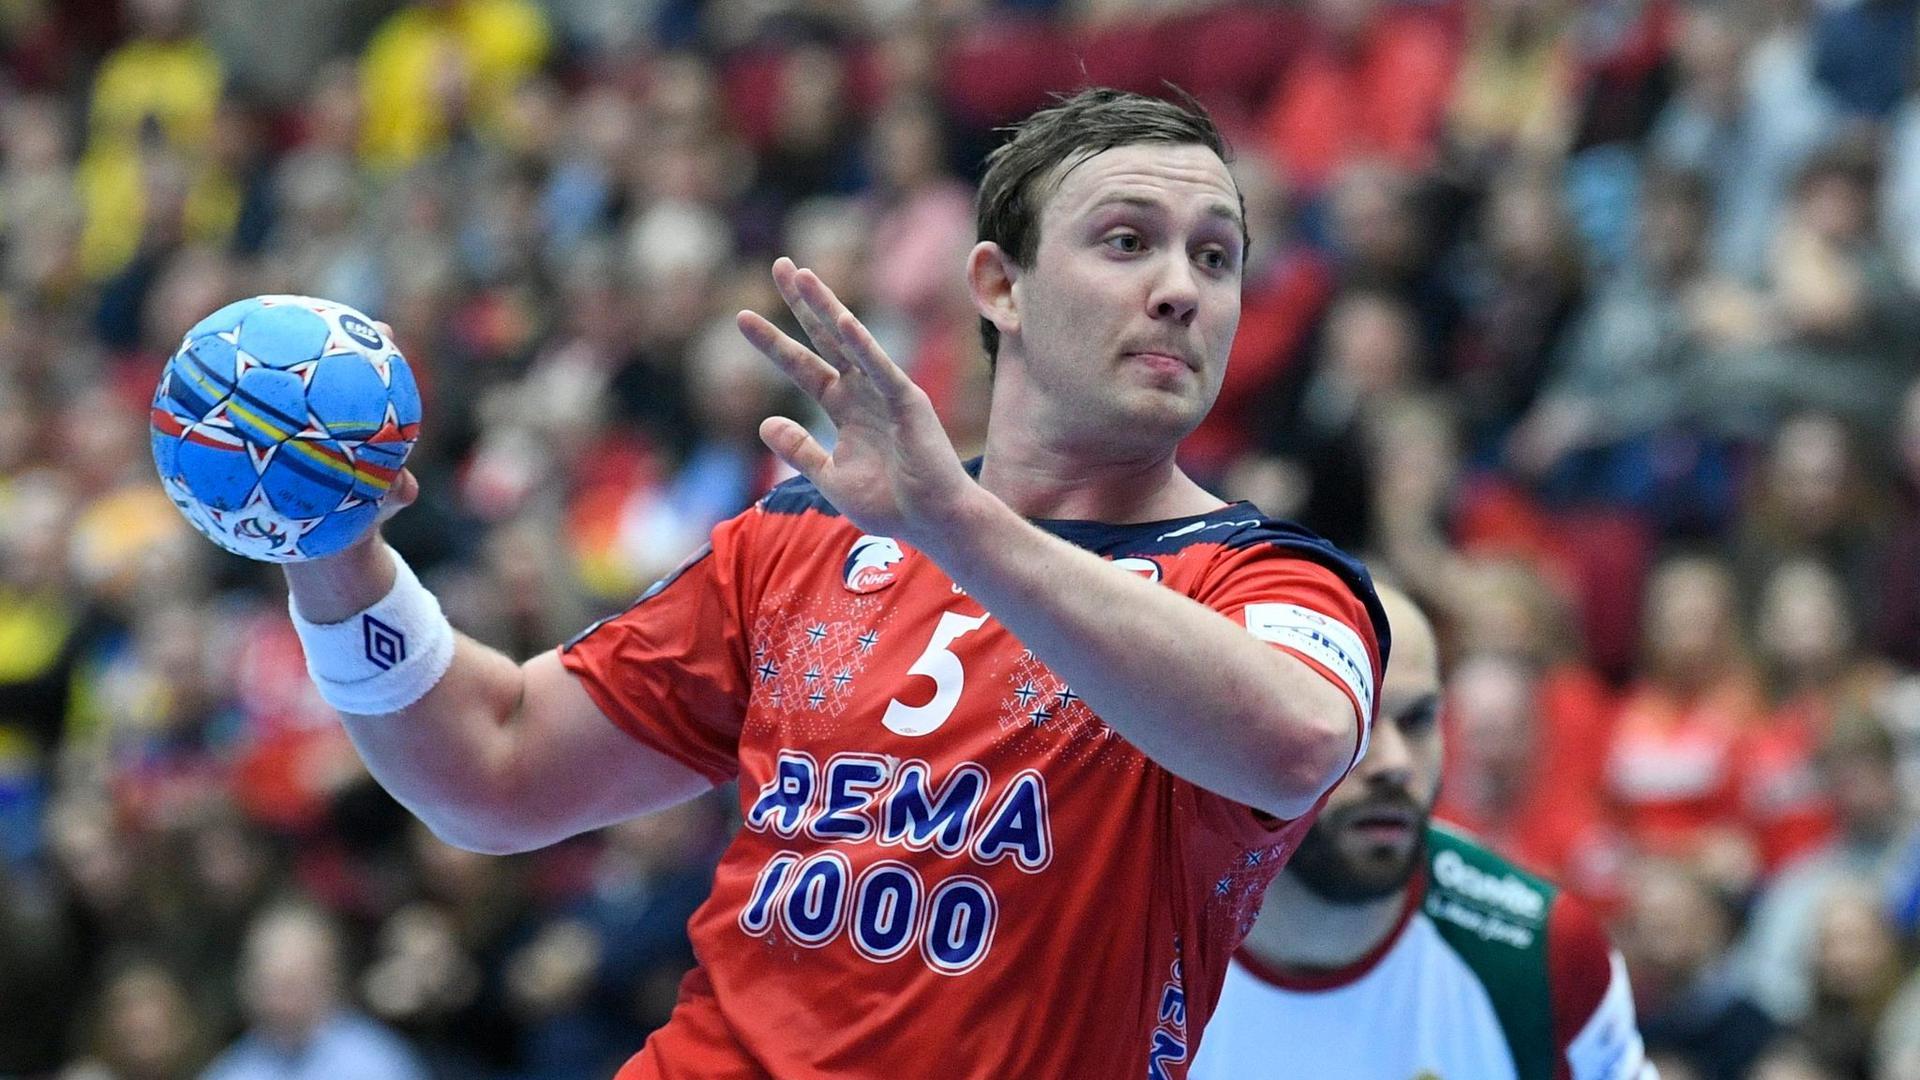 Will endlich wieder Handball spielen: Der Norweger Sander Sagosen.